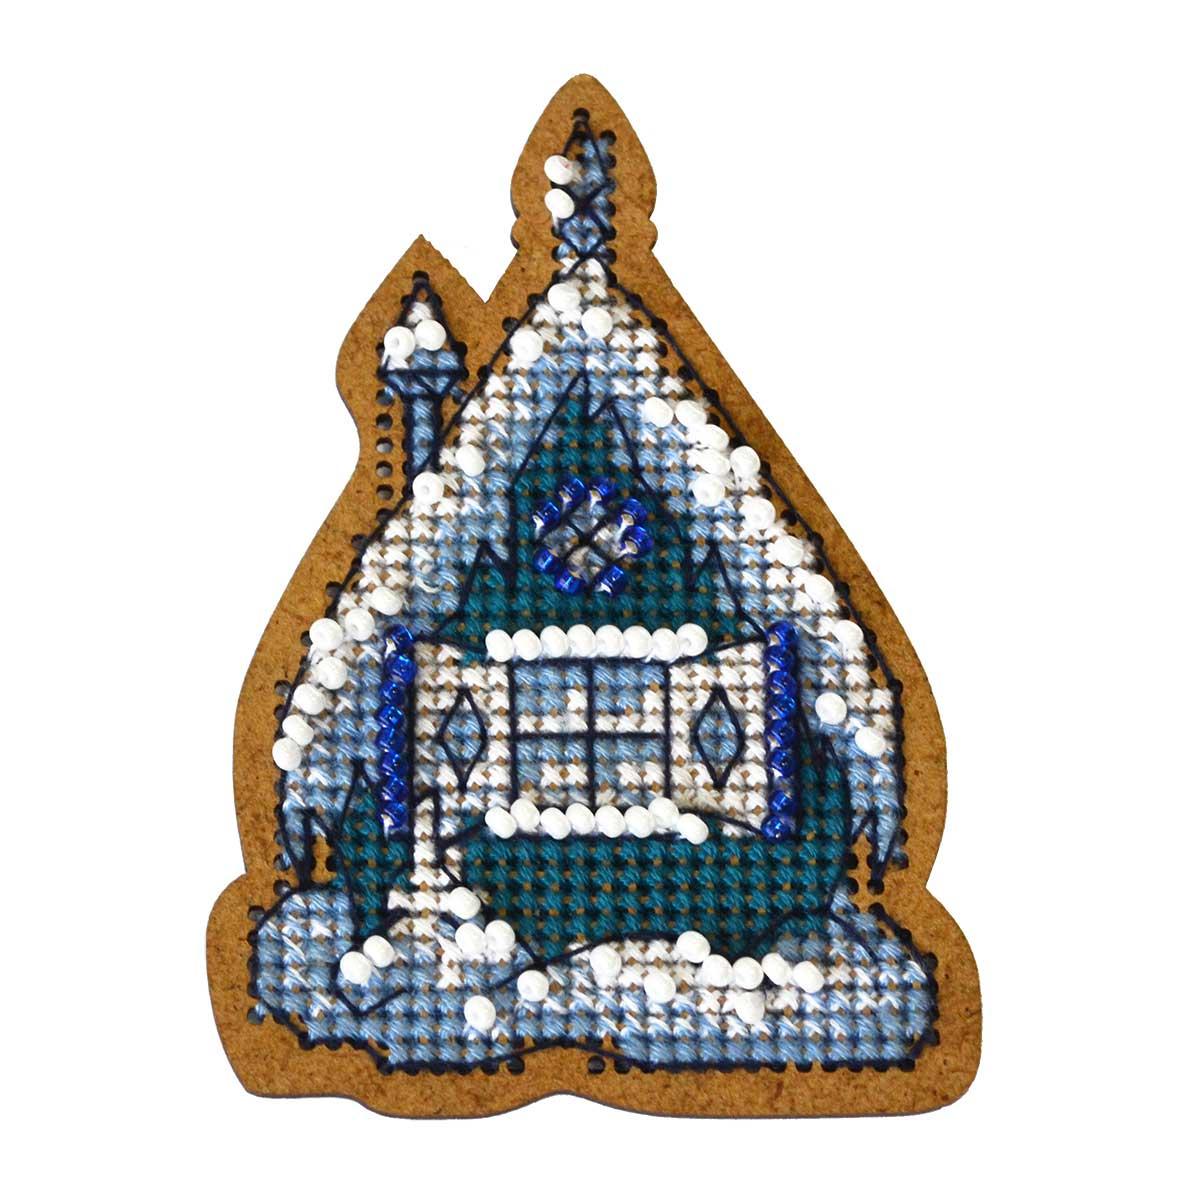 ИК-001 Набор для вышивания крестом на основе Созвездие 'Новогодняя игрушка 'Теремок' 4,5*8см